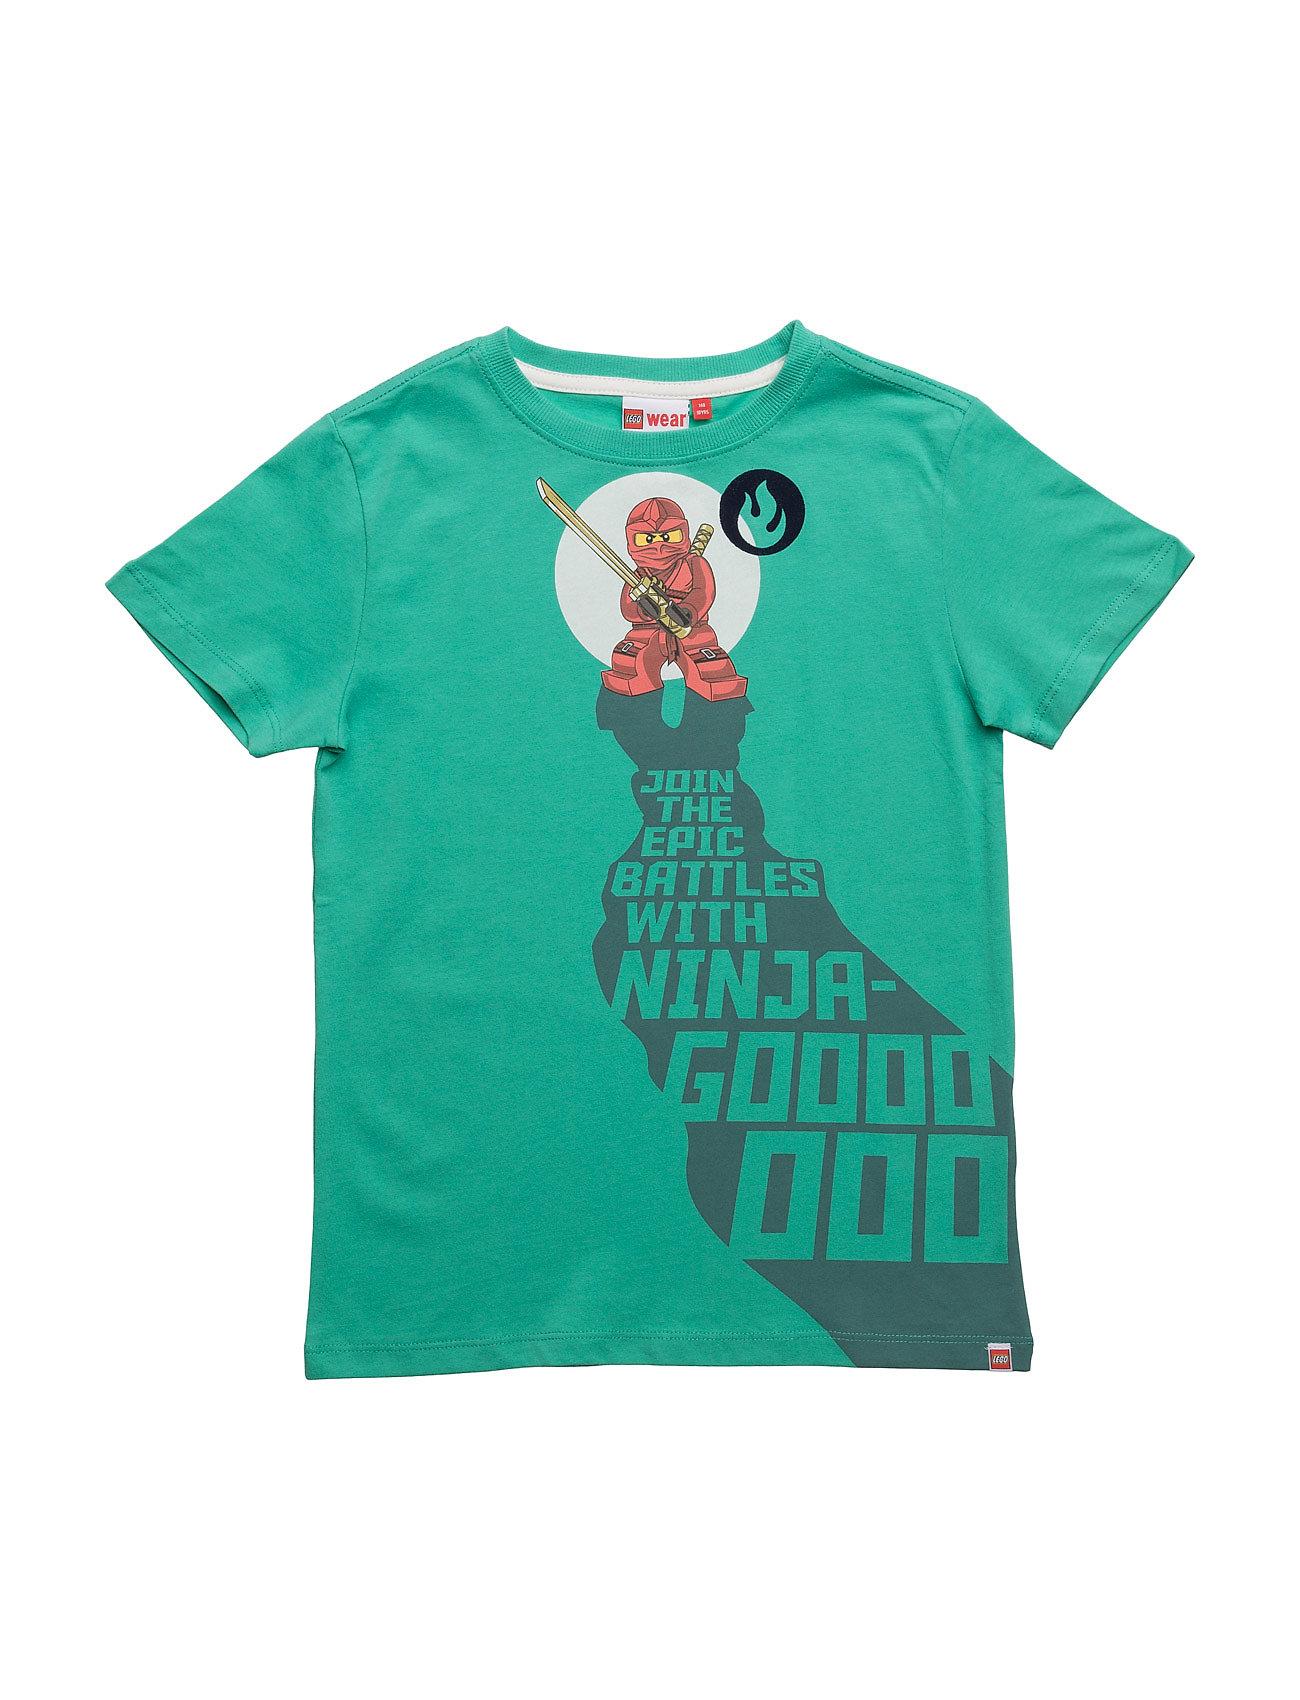 Teo 503 - T-Shirt S/S Lego wear Kortærmede t-shirts til Børn i